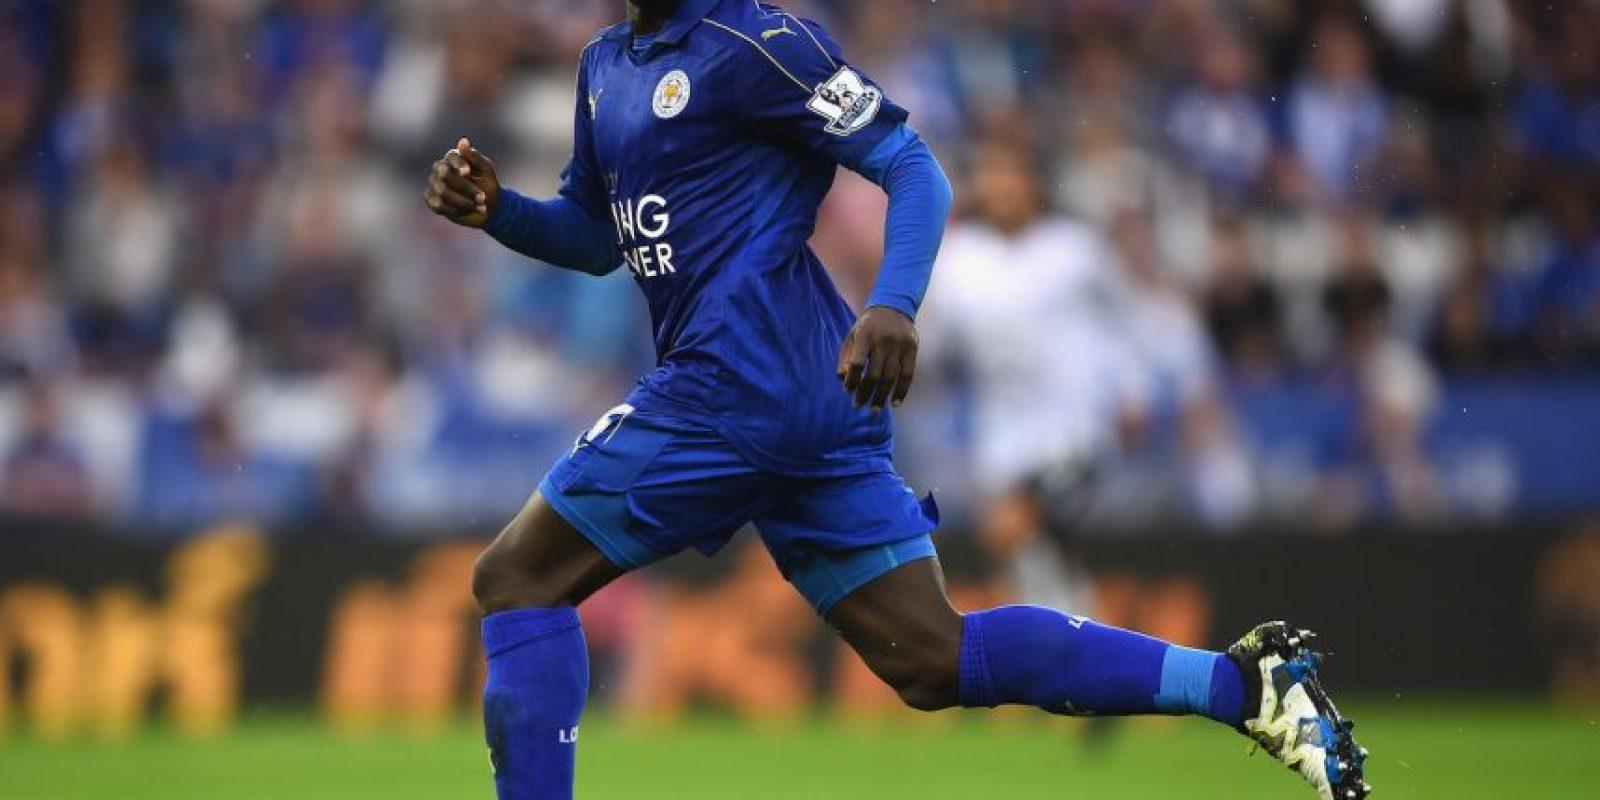 N'Golo Kanté, brillante fichaje del Leicester, no podría haber llegado al campeón de la Premier League Foto:Getty Images. Imagen Por: